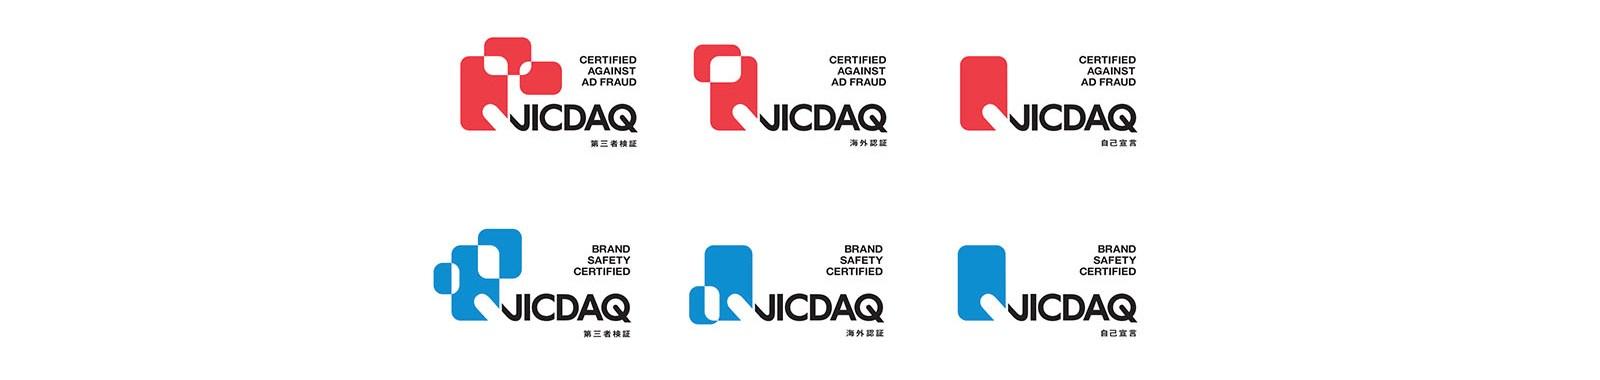 jicdaq-progress-report-eye